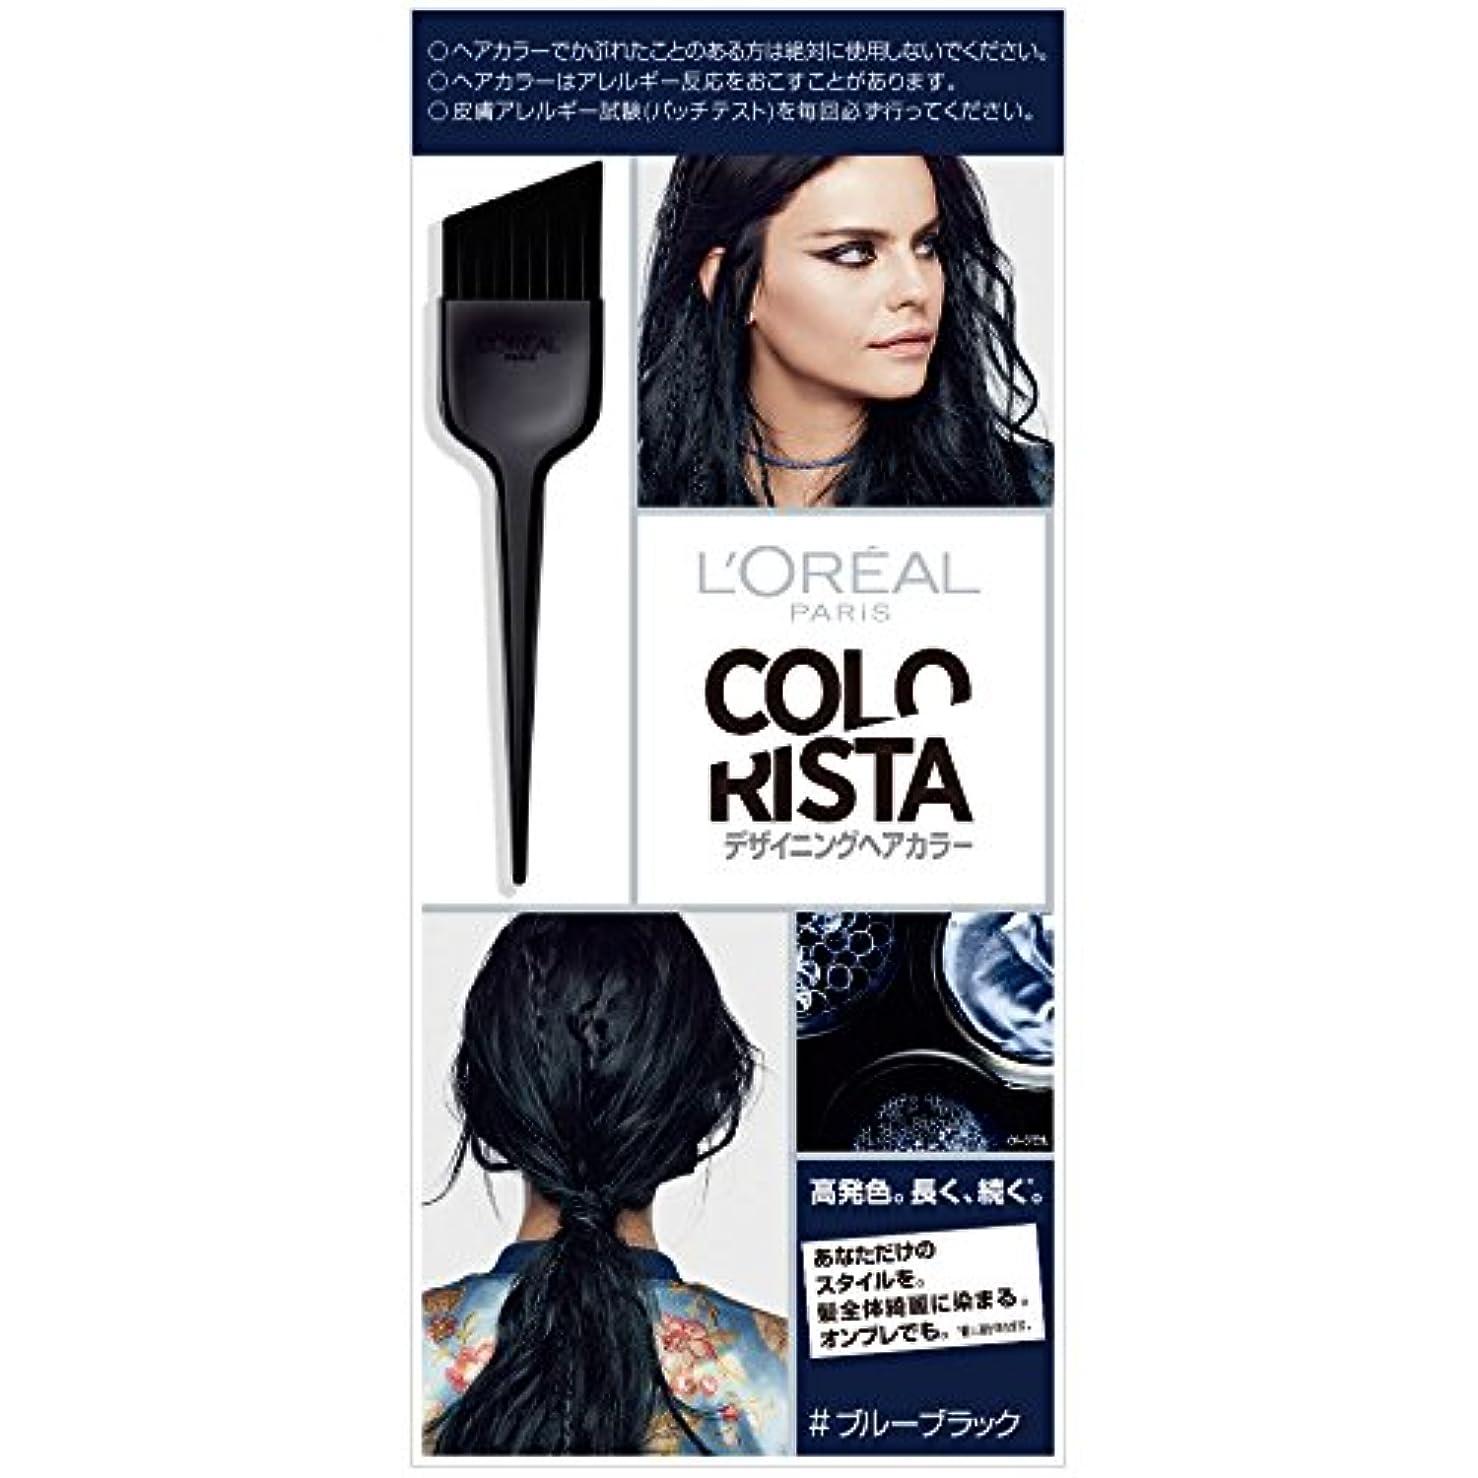 引き算適切にジムロレアル パリ カラーリスタ デザイニングヘアカラー ブルーブラック